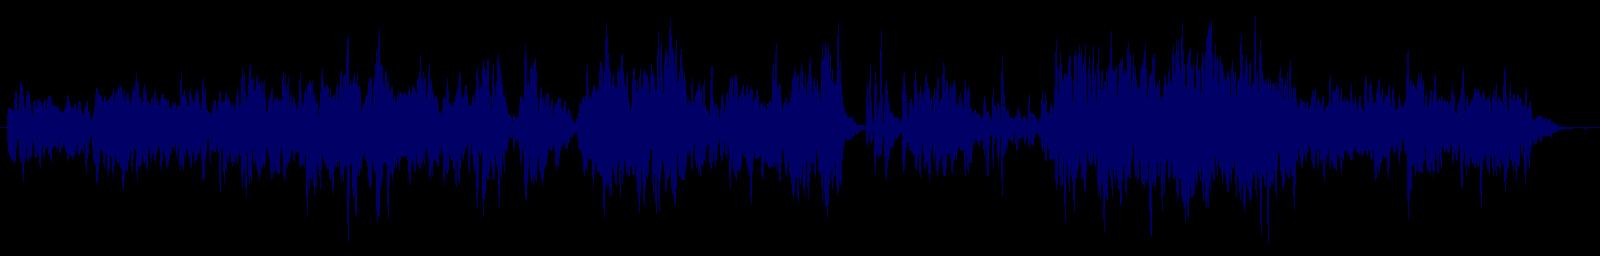 waveform of track #129125